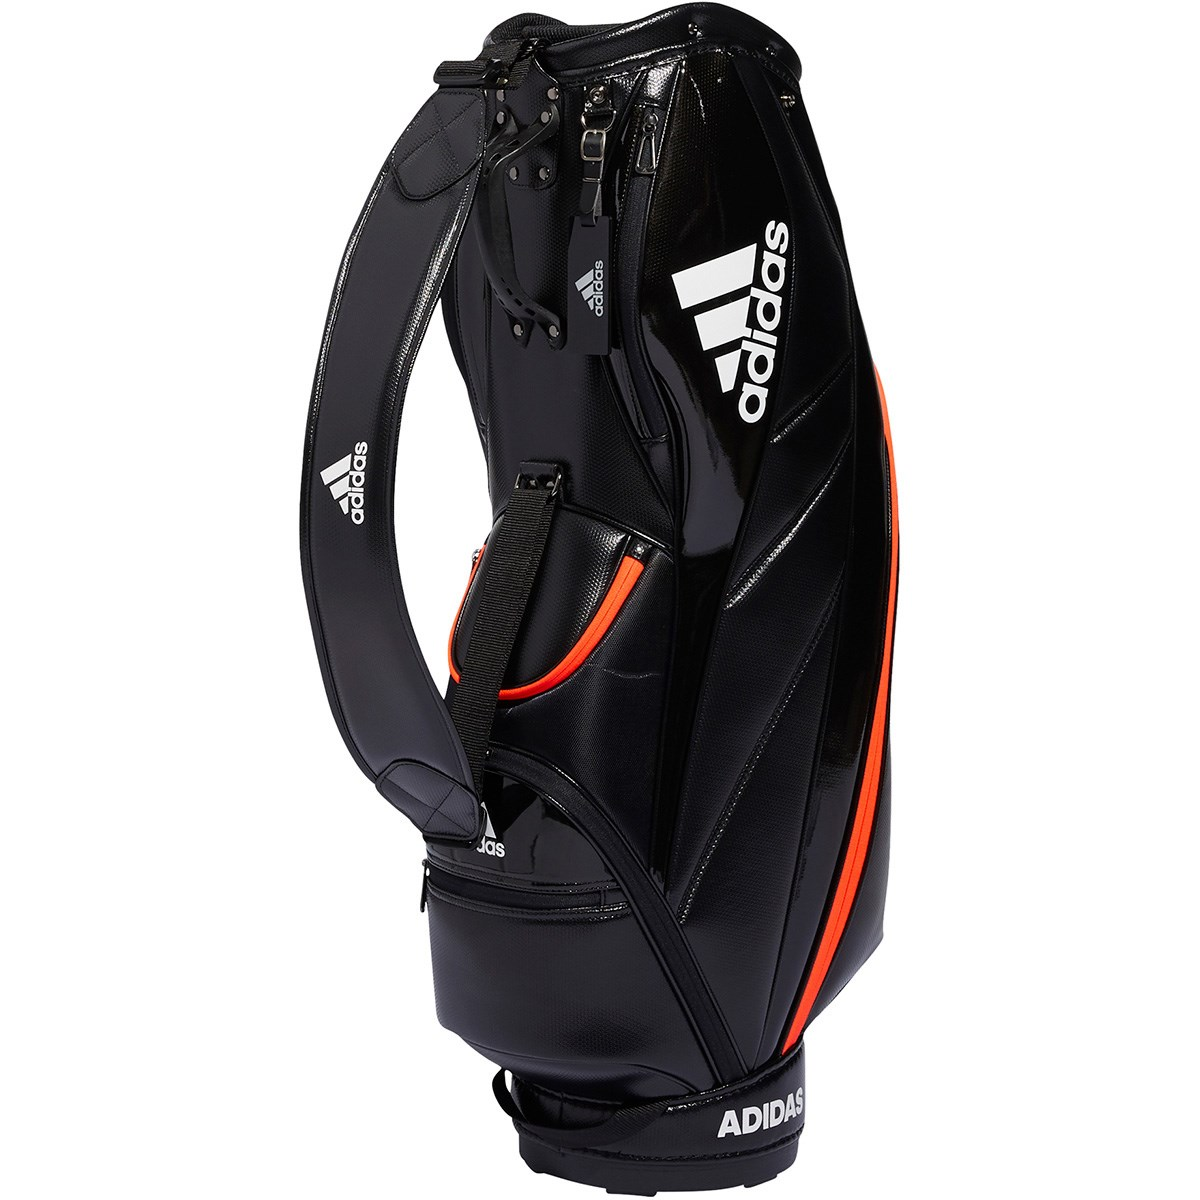 アディダス Adidas ライトウェイトキャディバッグ ブラック/ホワイト